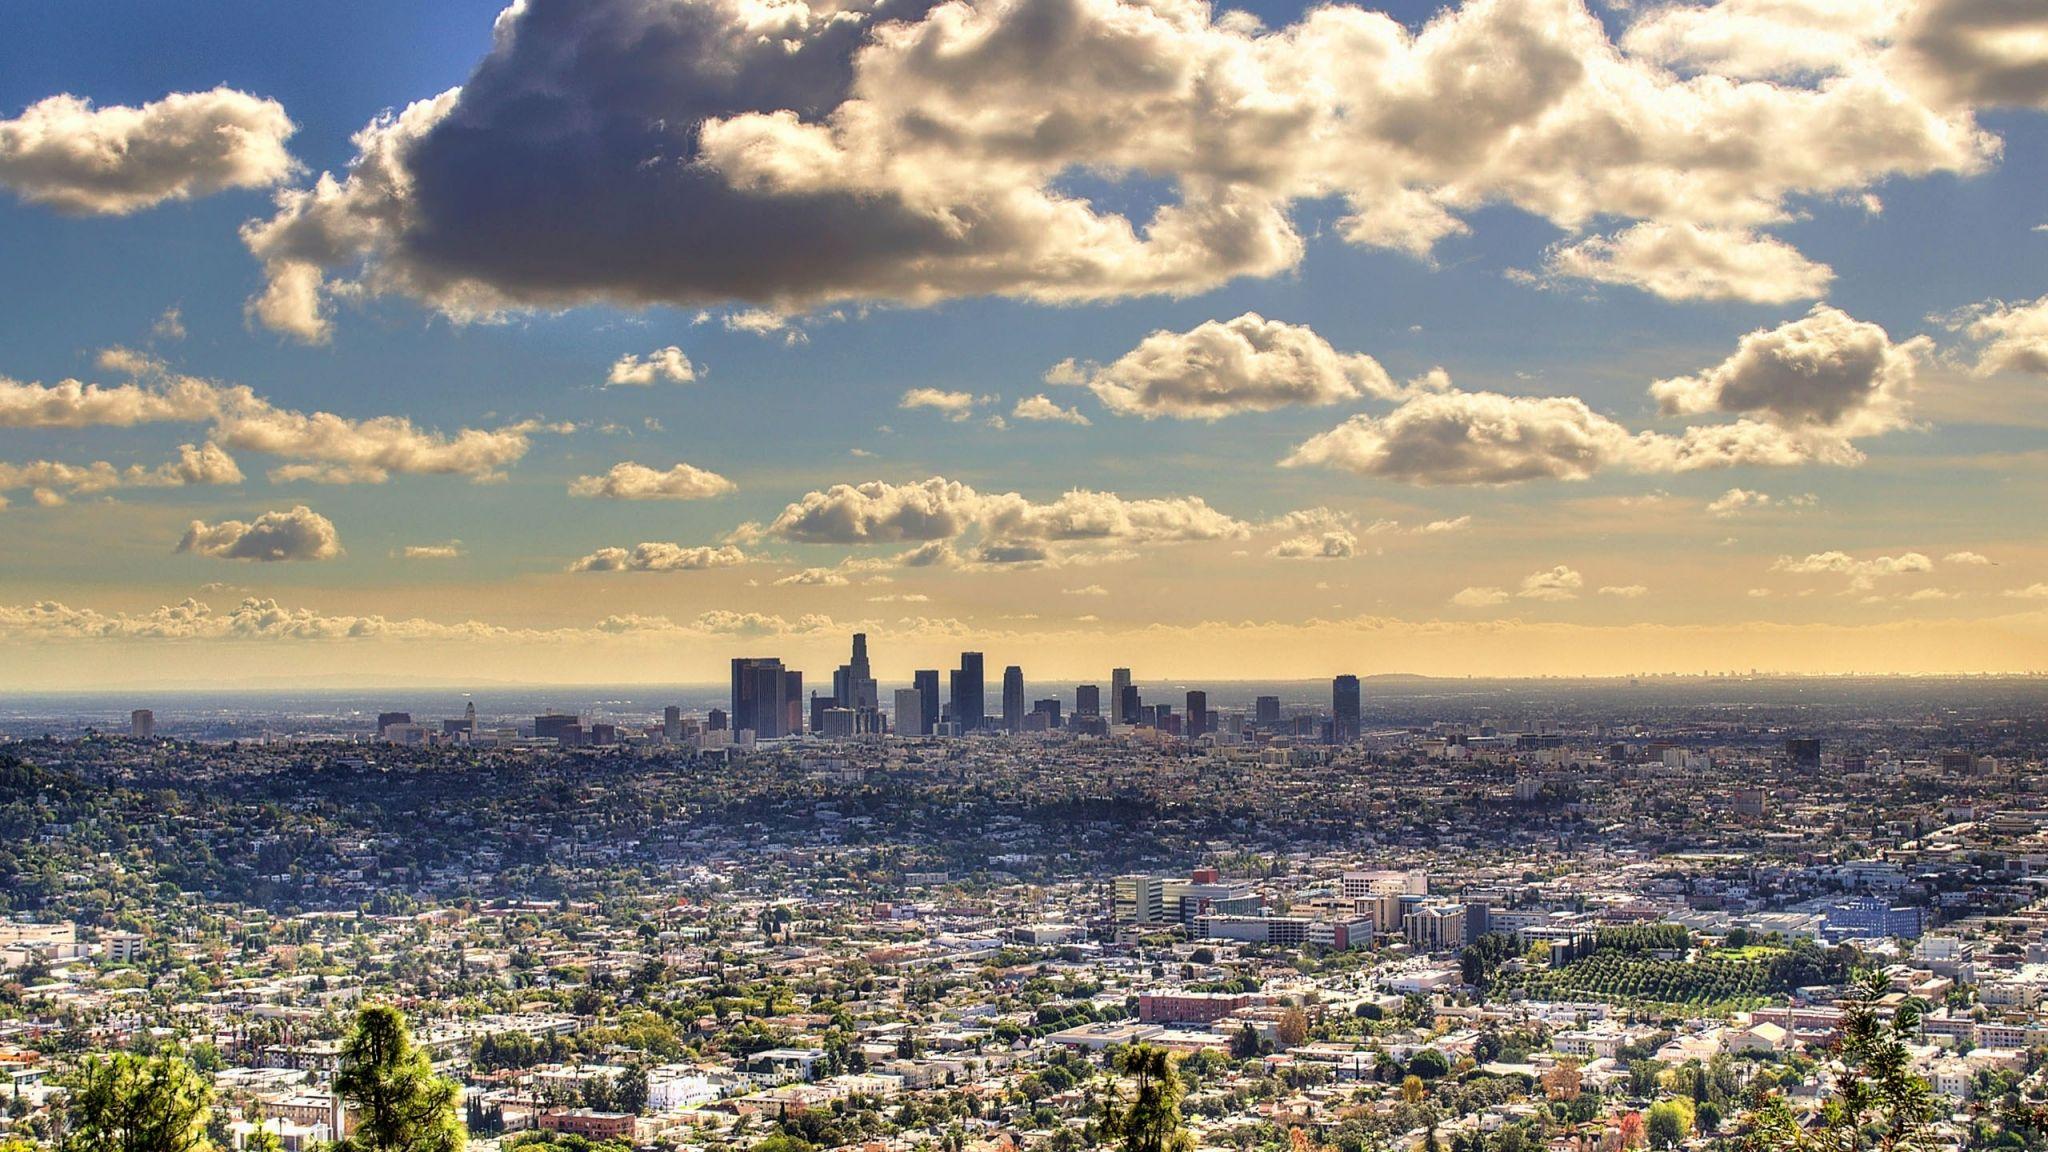 Los Angeles Wallpapers For Mac Desktop Los Angeles Wallpaper Los Angeles Cityscape Los Angeles